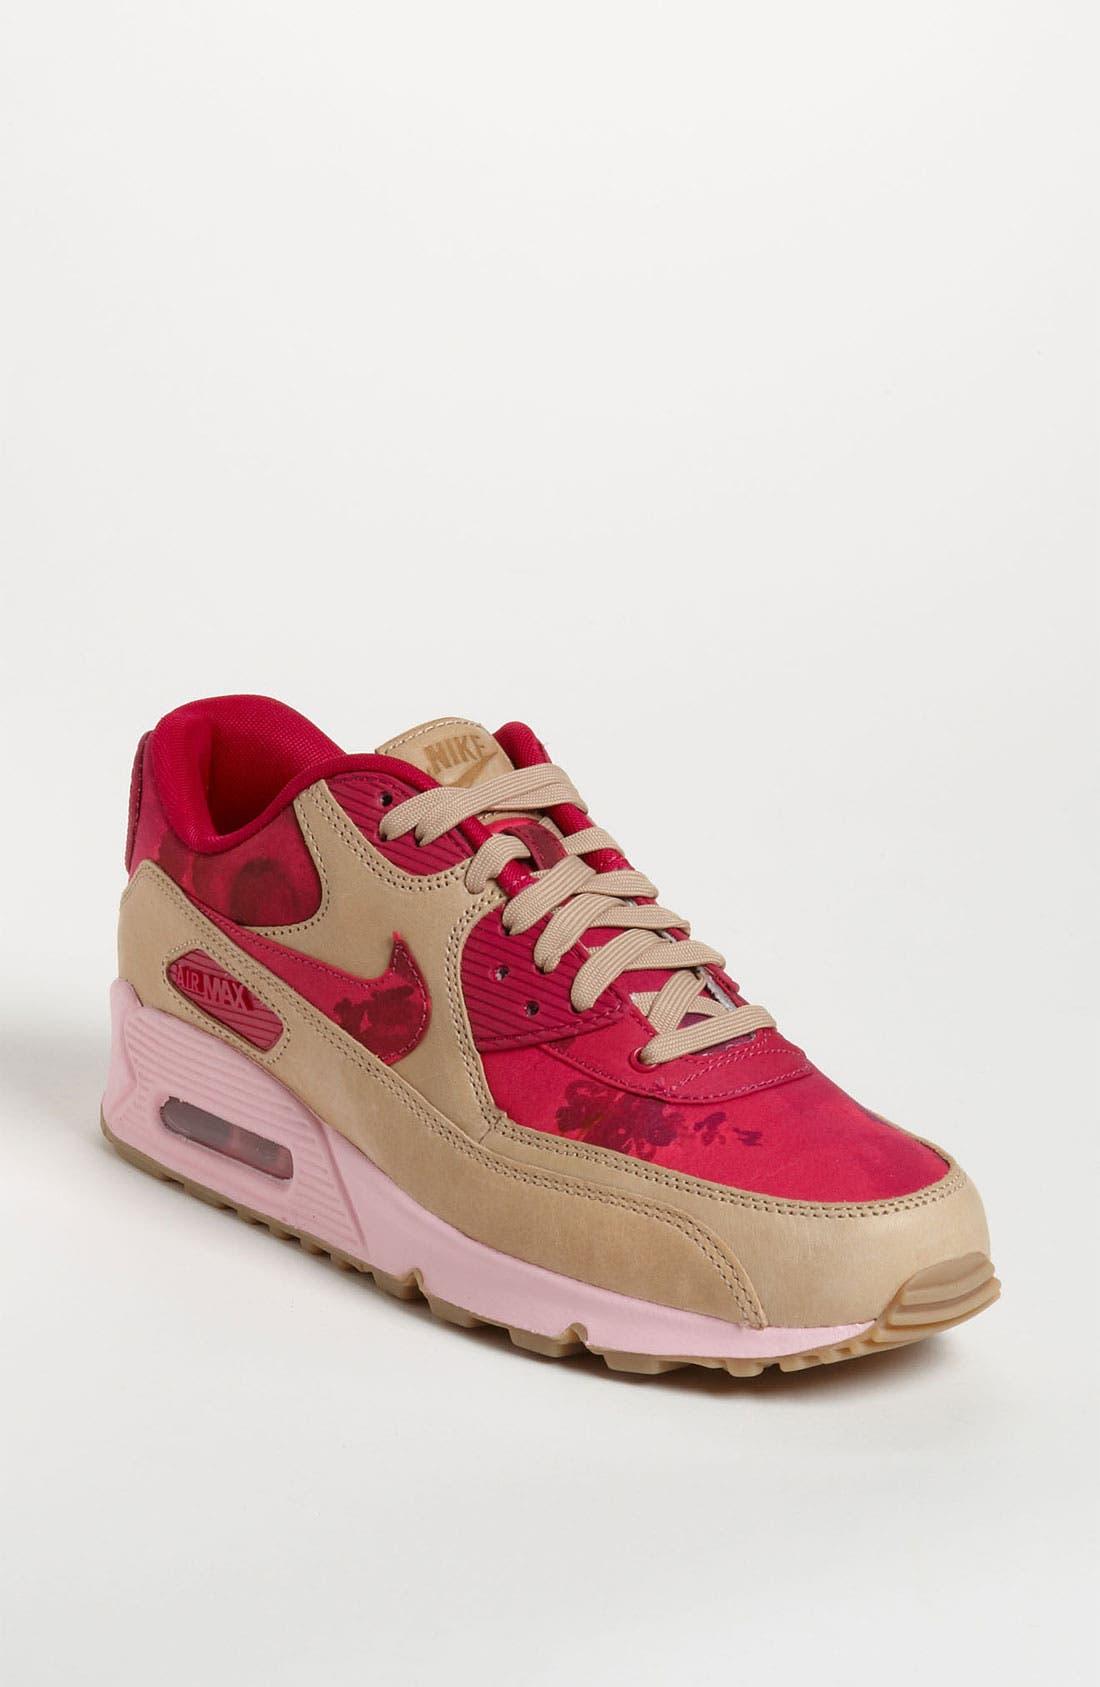 Main Image - Nike 'Air Max 90 - Liberty' Sneaker (Women)